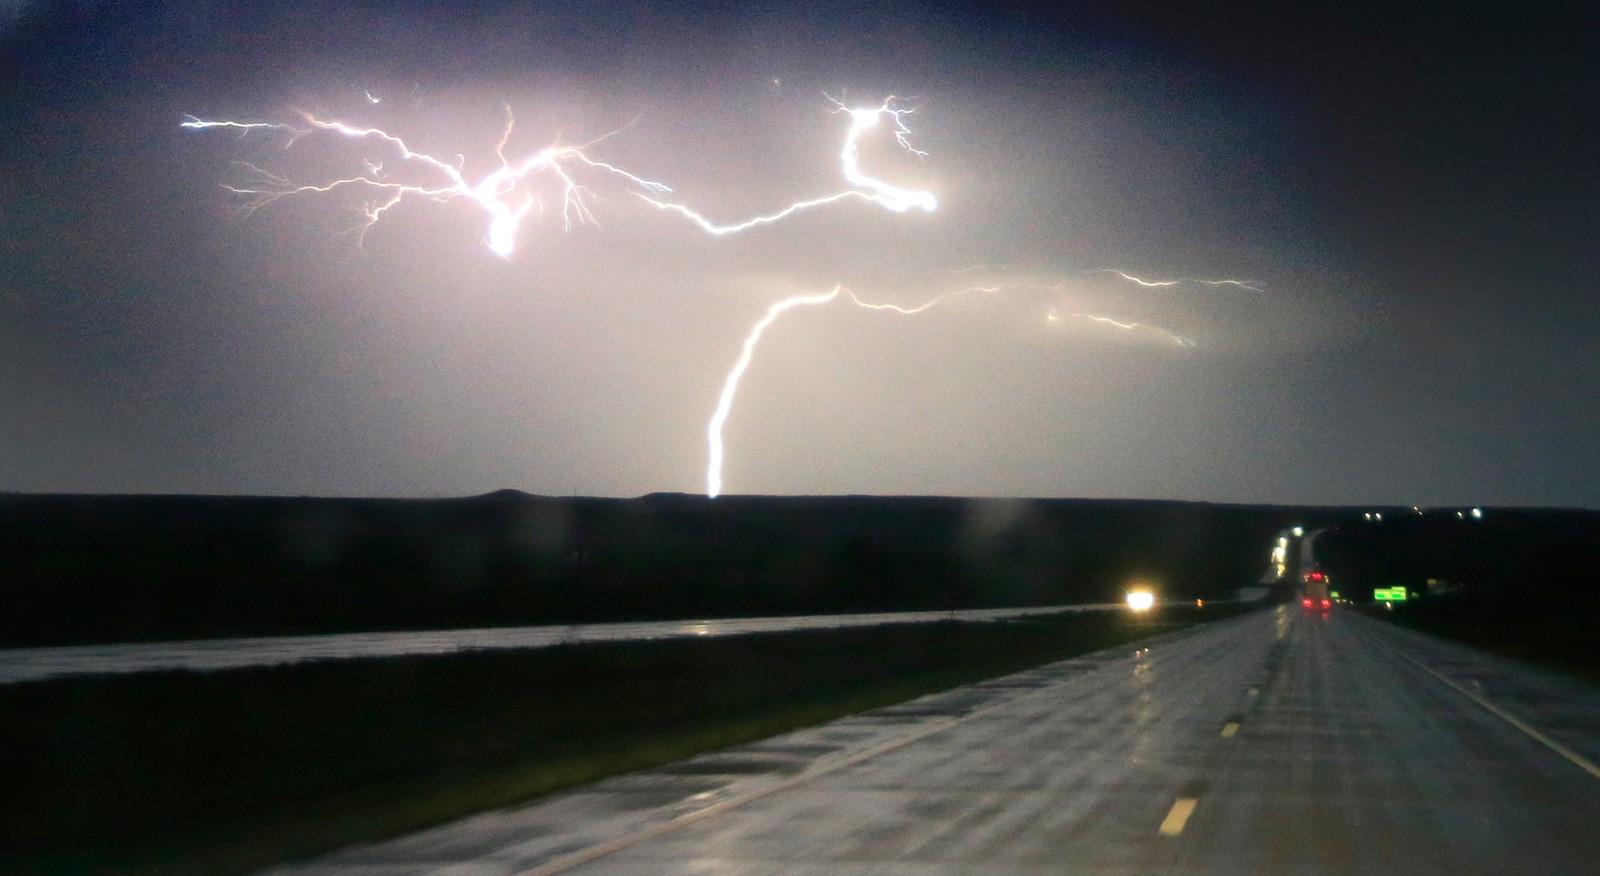 Lyn flerrer himmelen over Interstate 70 ved Junction City i Kansas, USA. Tordenbygene hadde med seg store haglbyger og vind opp mot orkan styrke.